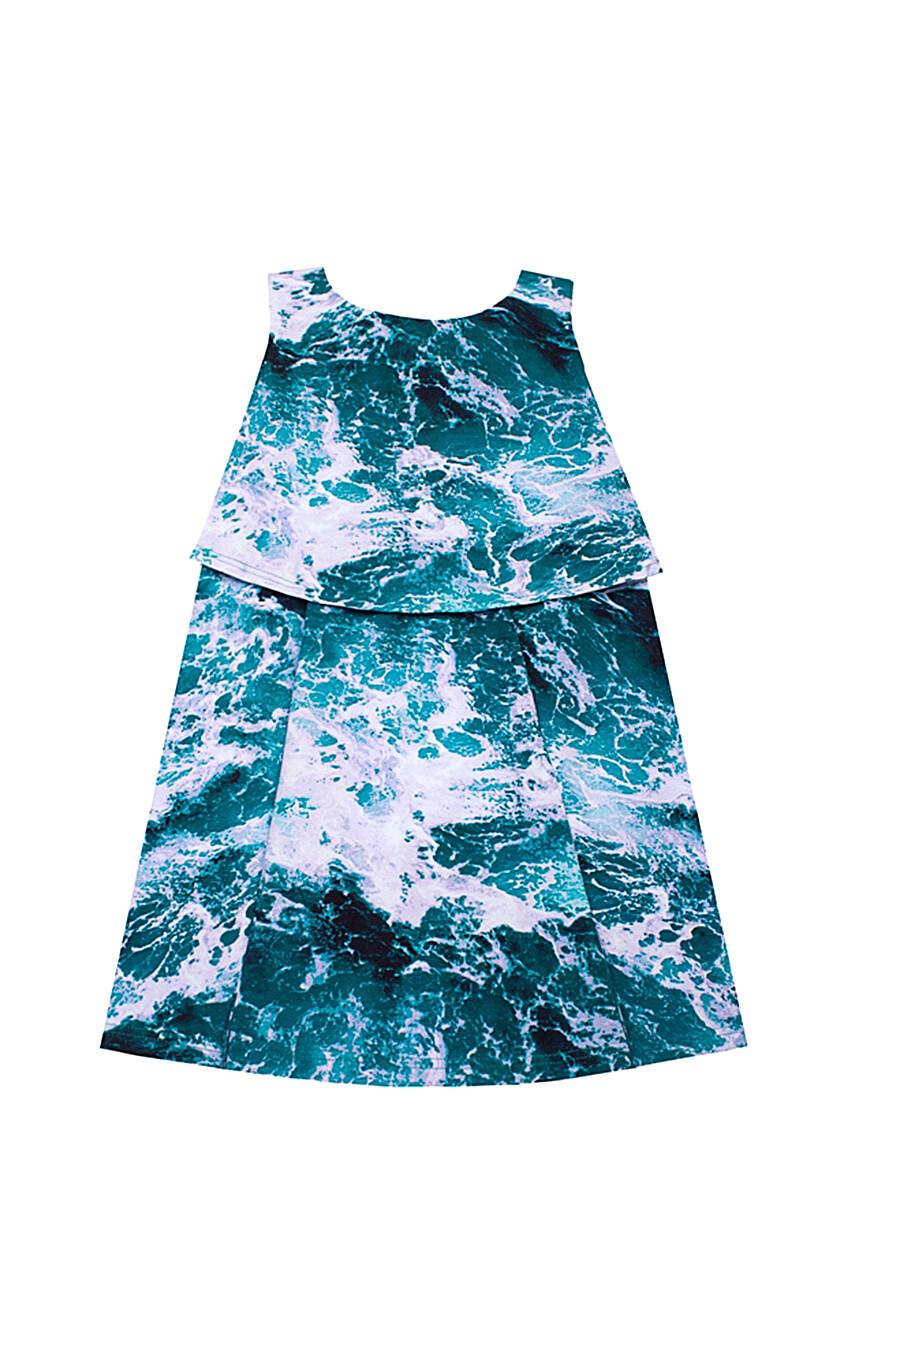 Сарафан для девочек АПРЕЛЬ 700354 купить оптом от производителя. Совместная покупка детской одежды в OptMoyo